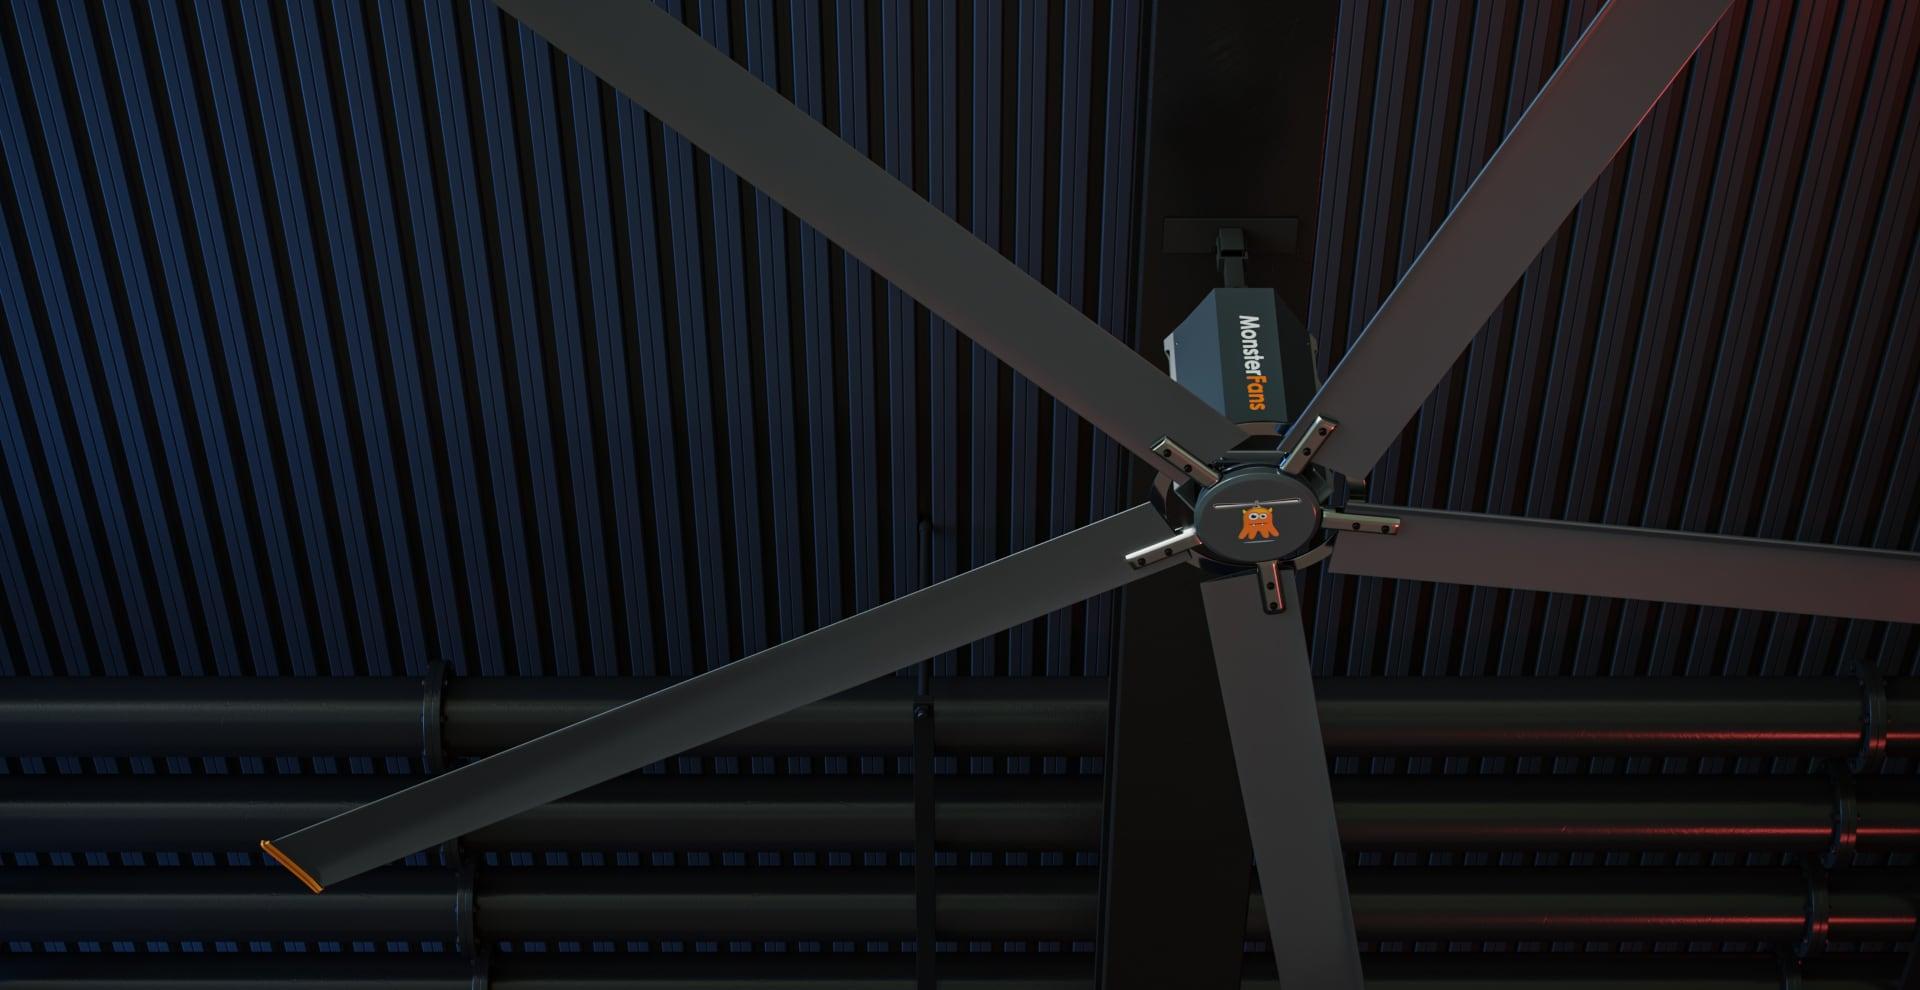 Ein Großventilator an einer Hallendecke. MonsterFans